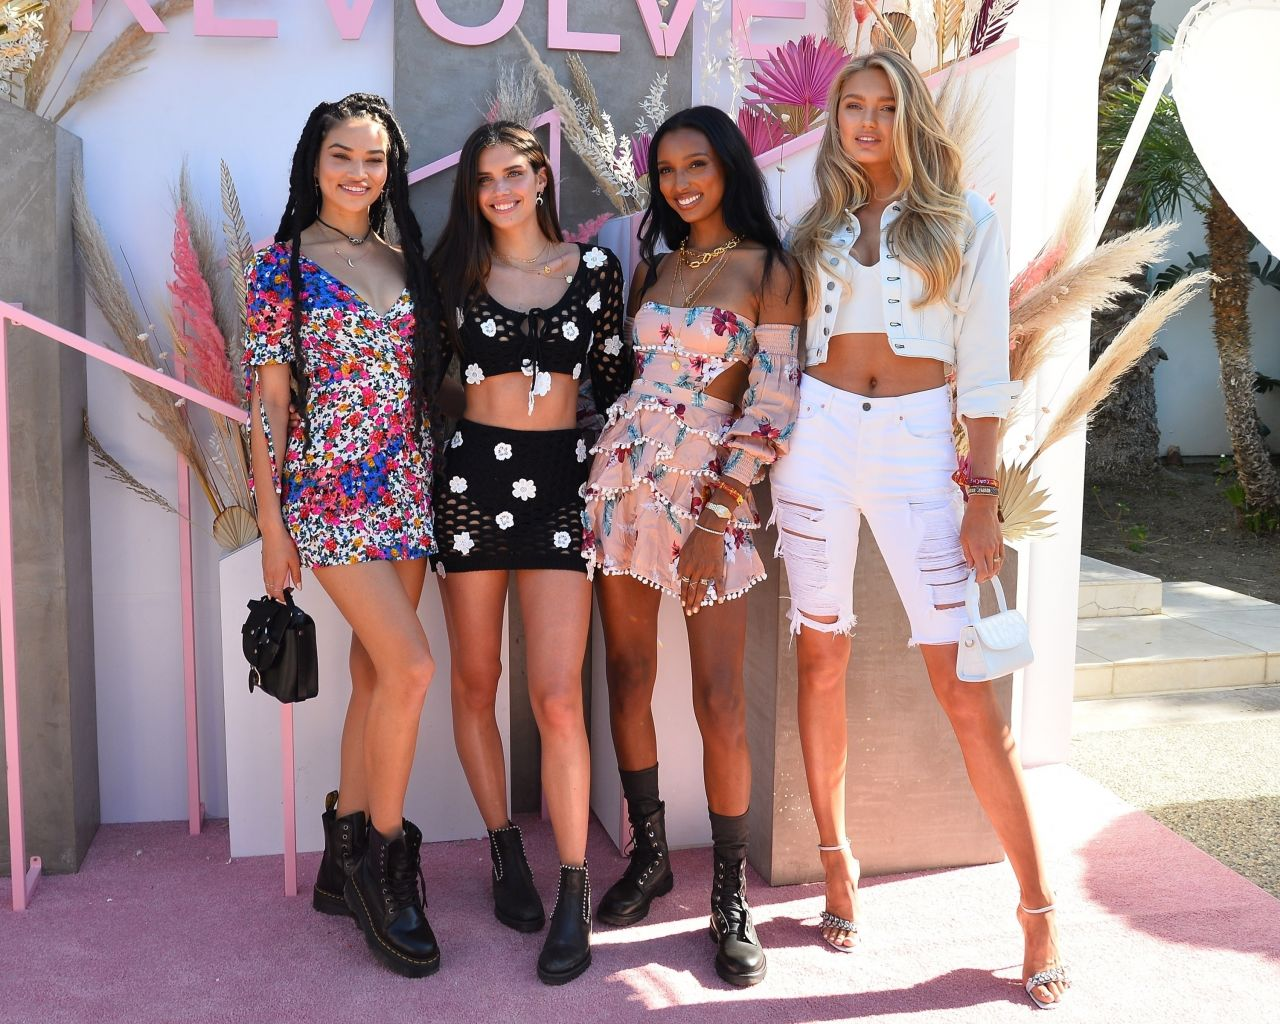 a42af78625e0 Victoria's Secret models go chic at the Revolve Coachella party